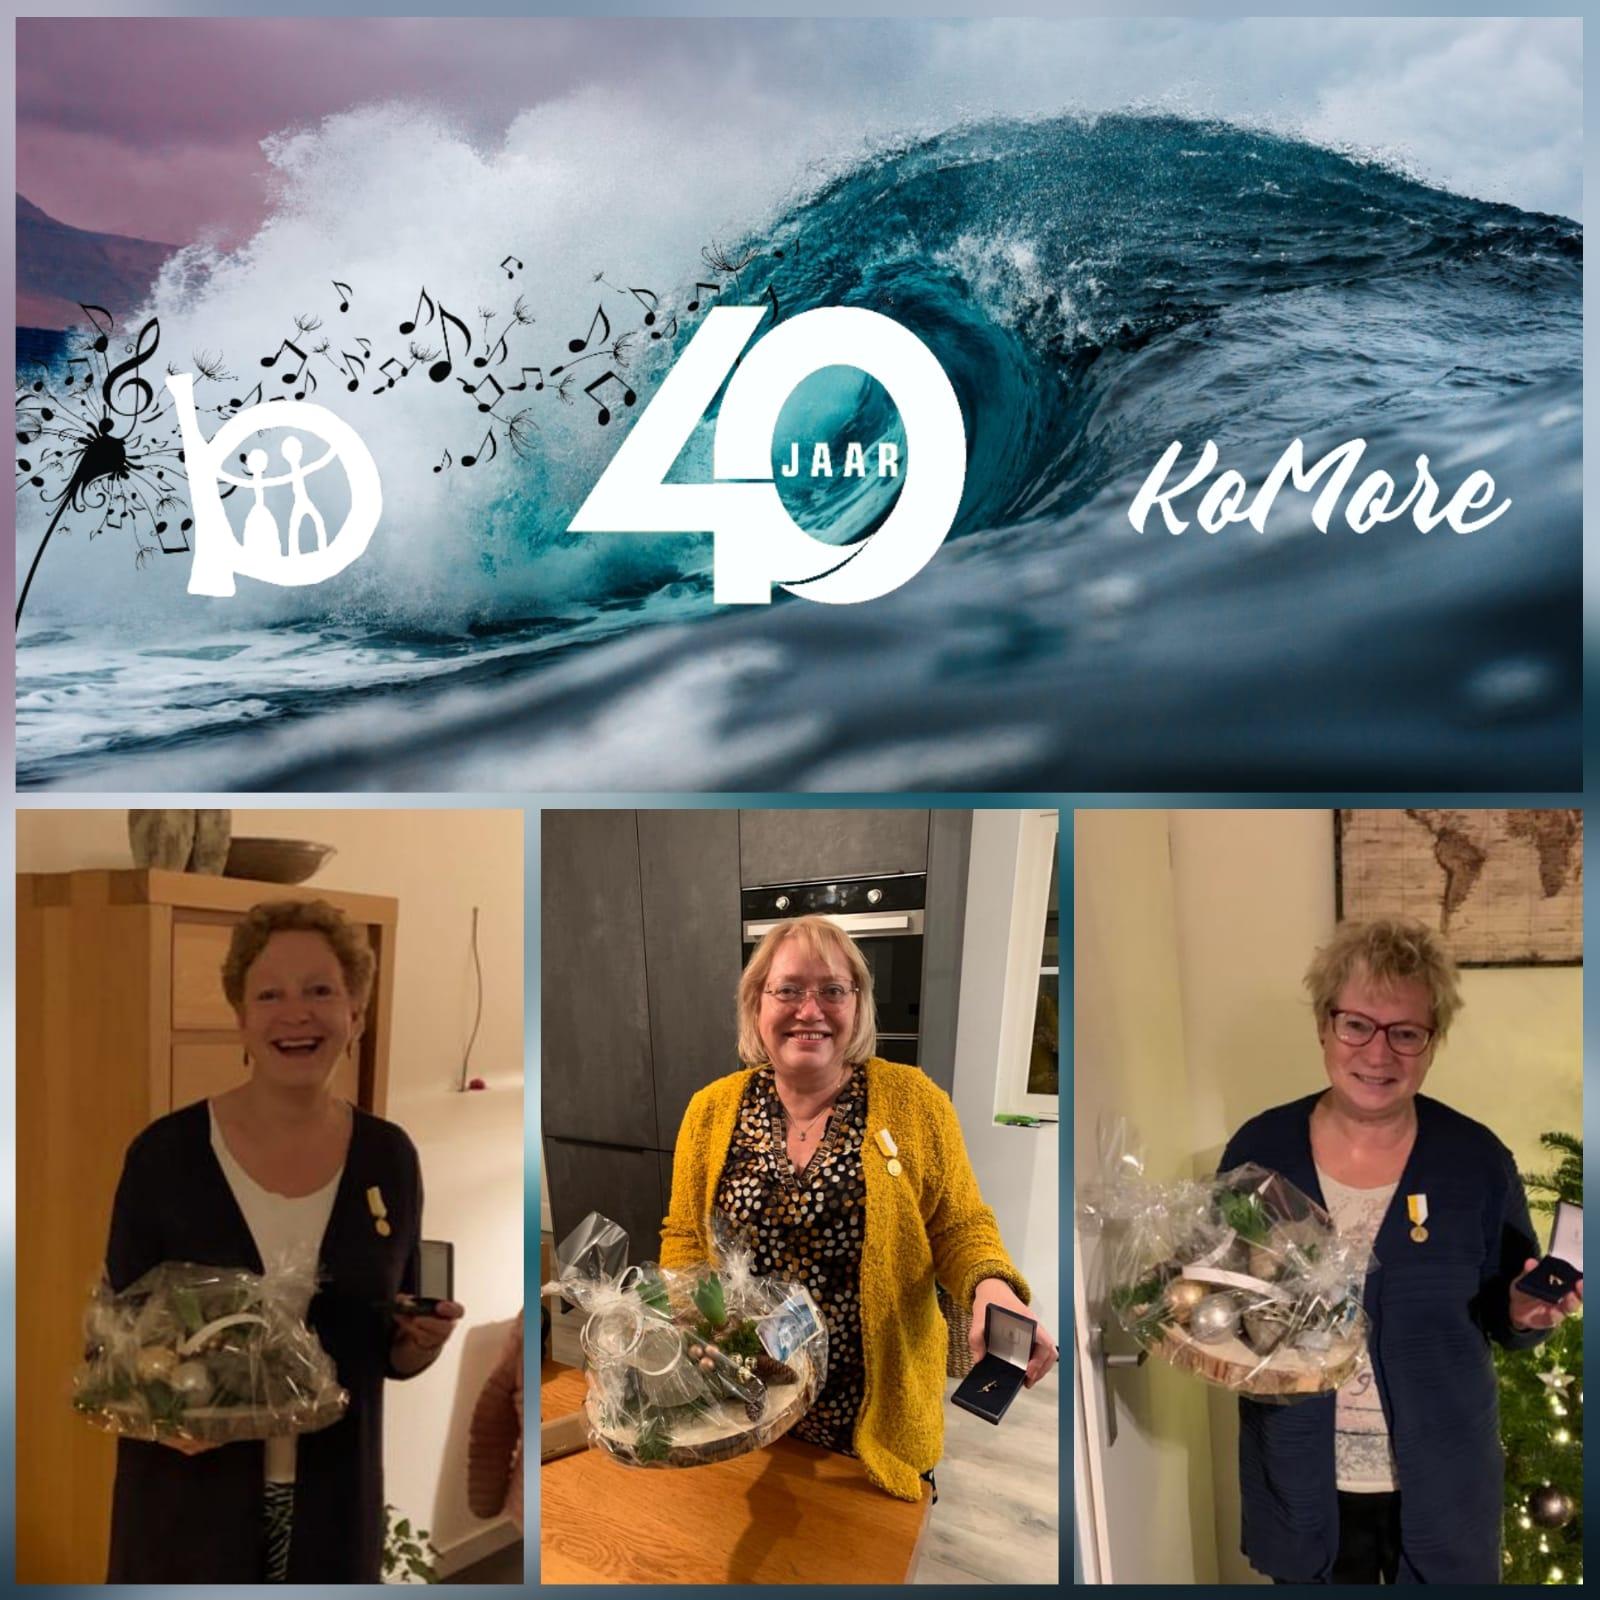 KoMore bestaat 40 jaar!